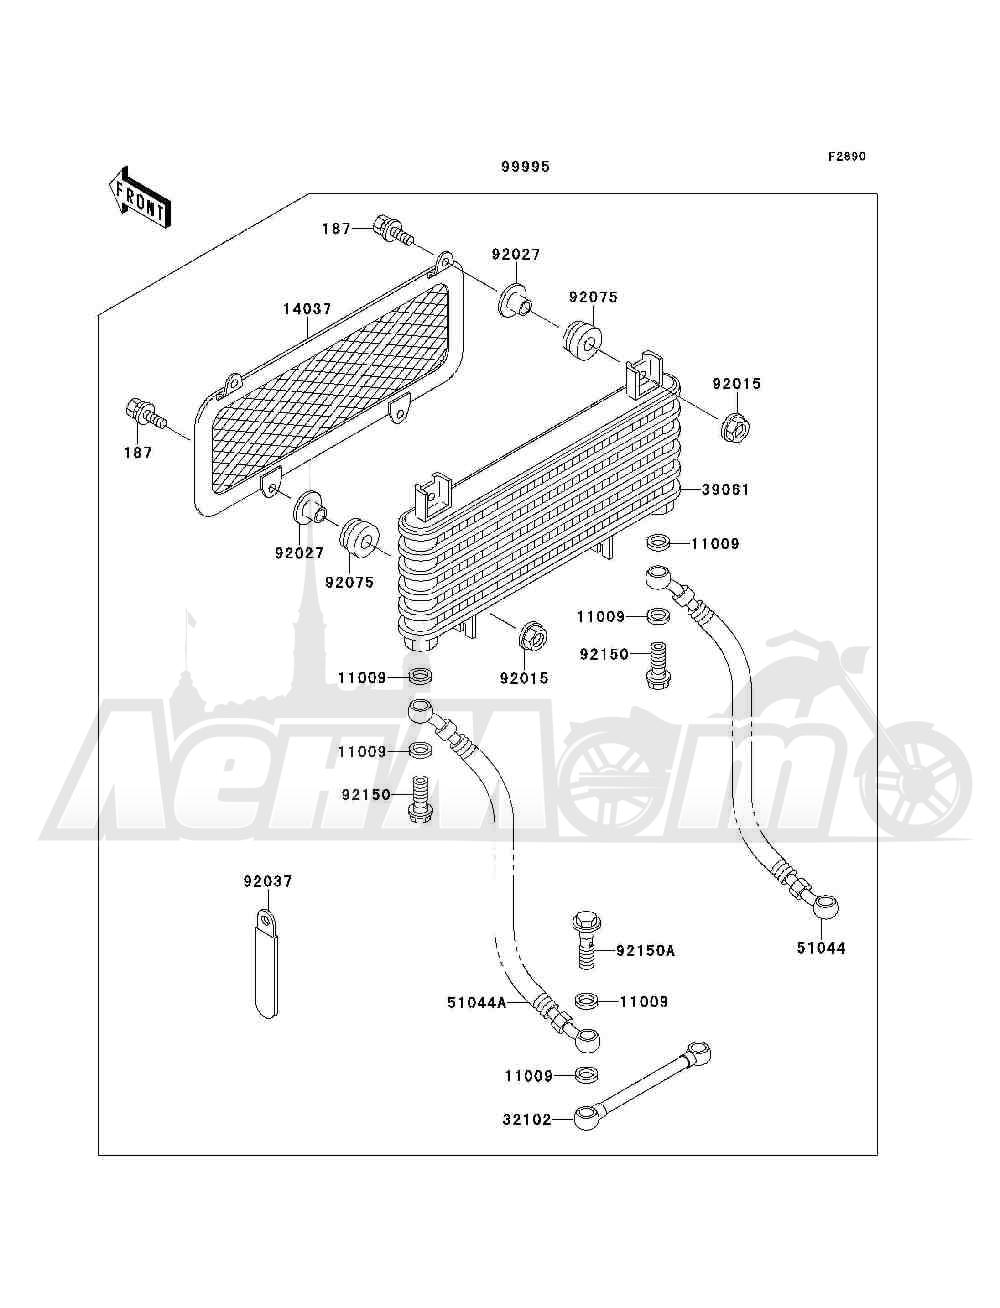 Запчасти для Квадроцикла Kawasaki 1993 BAYOU 300 4X4 (KLF300-C5) Раздел: OPTIONAL PARTS(RADIATOR) | опционально детали (радиатор)